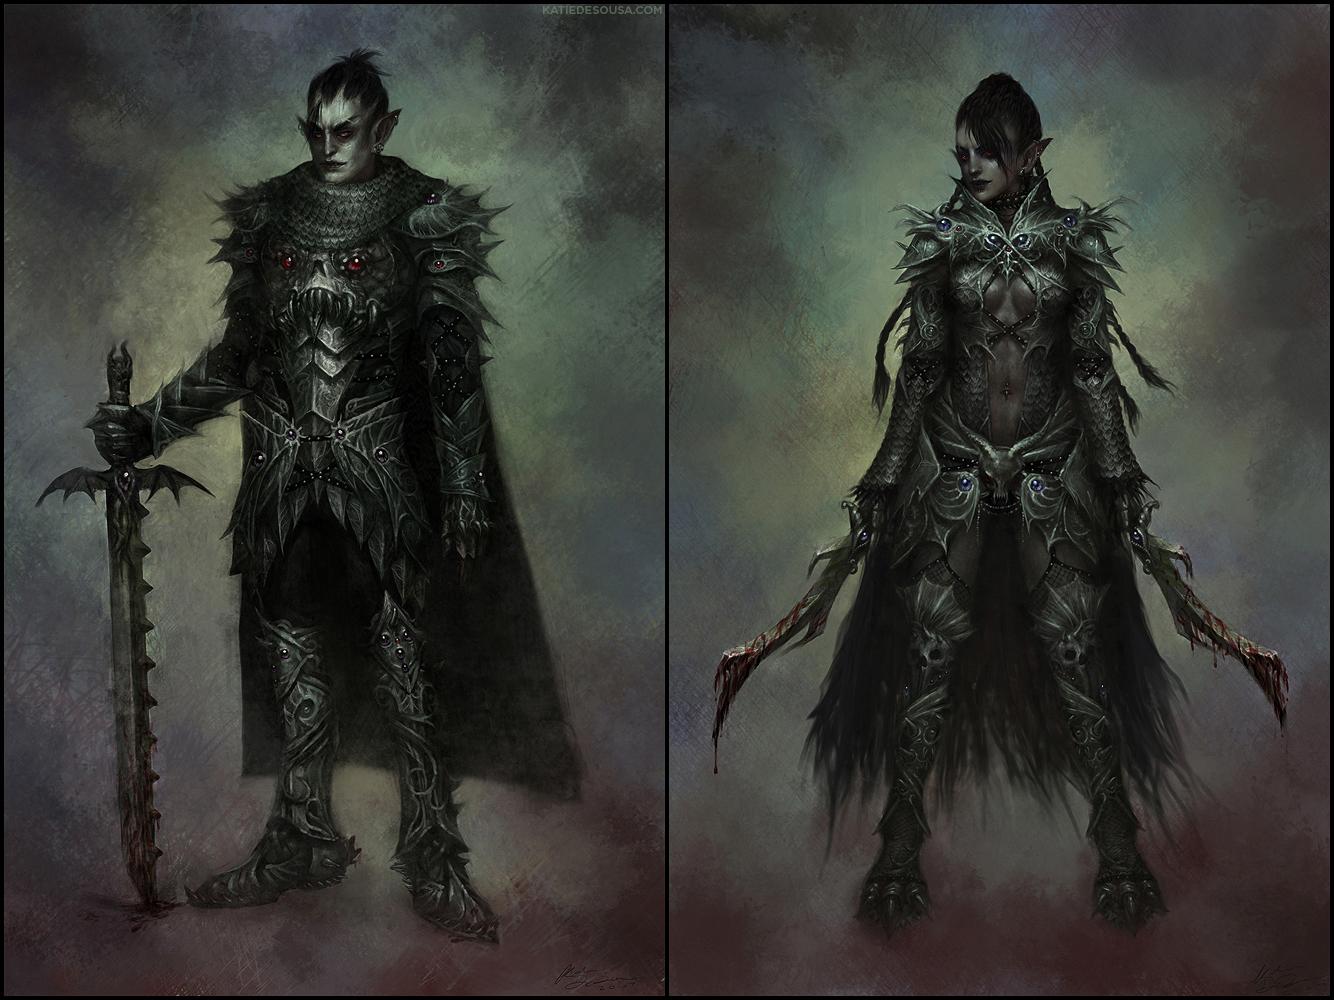 Dark Elves   Initial Impressions 1334x1000